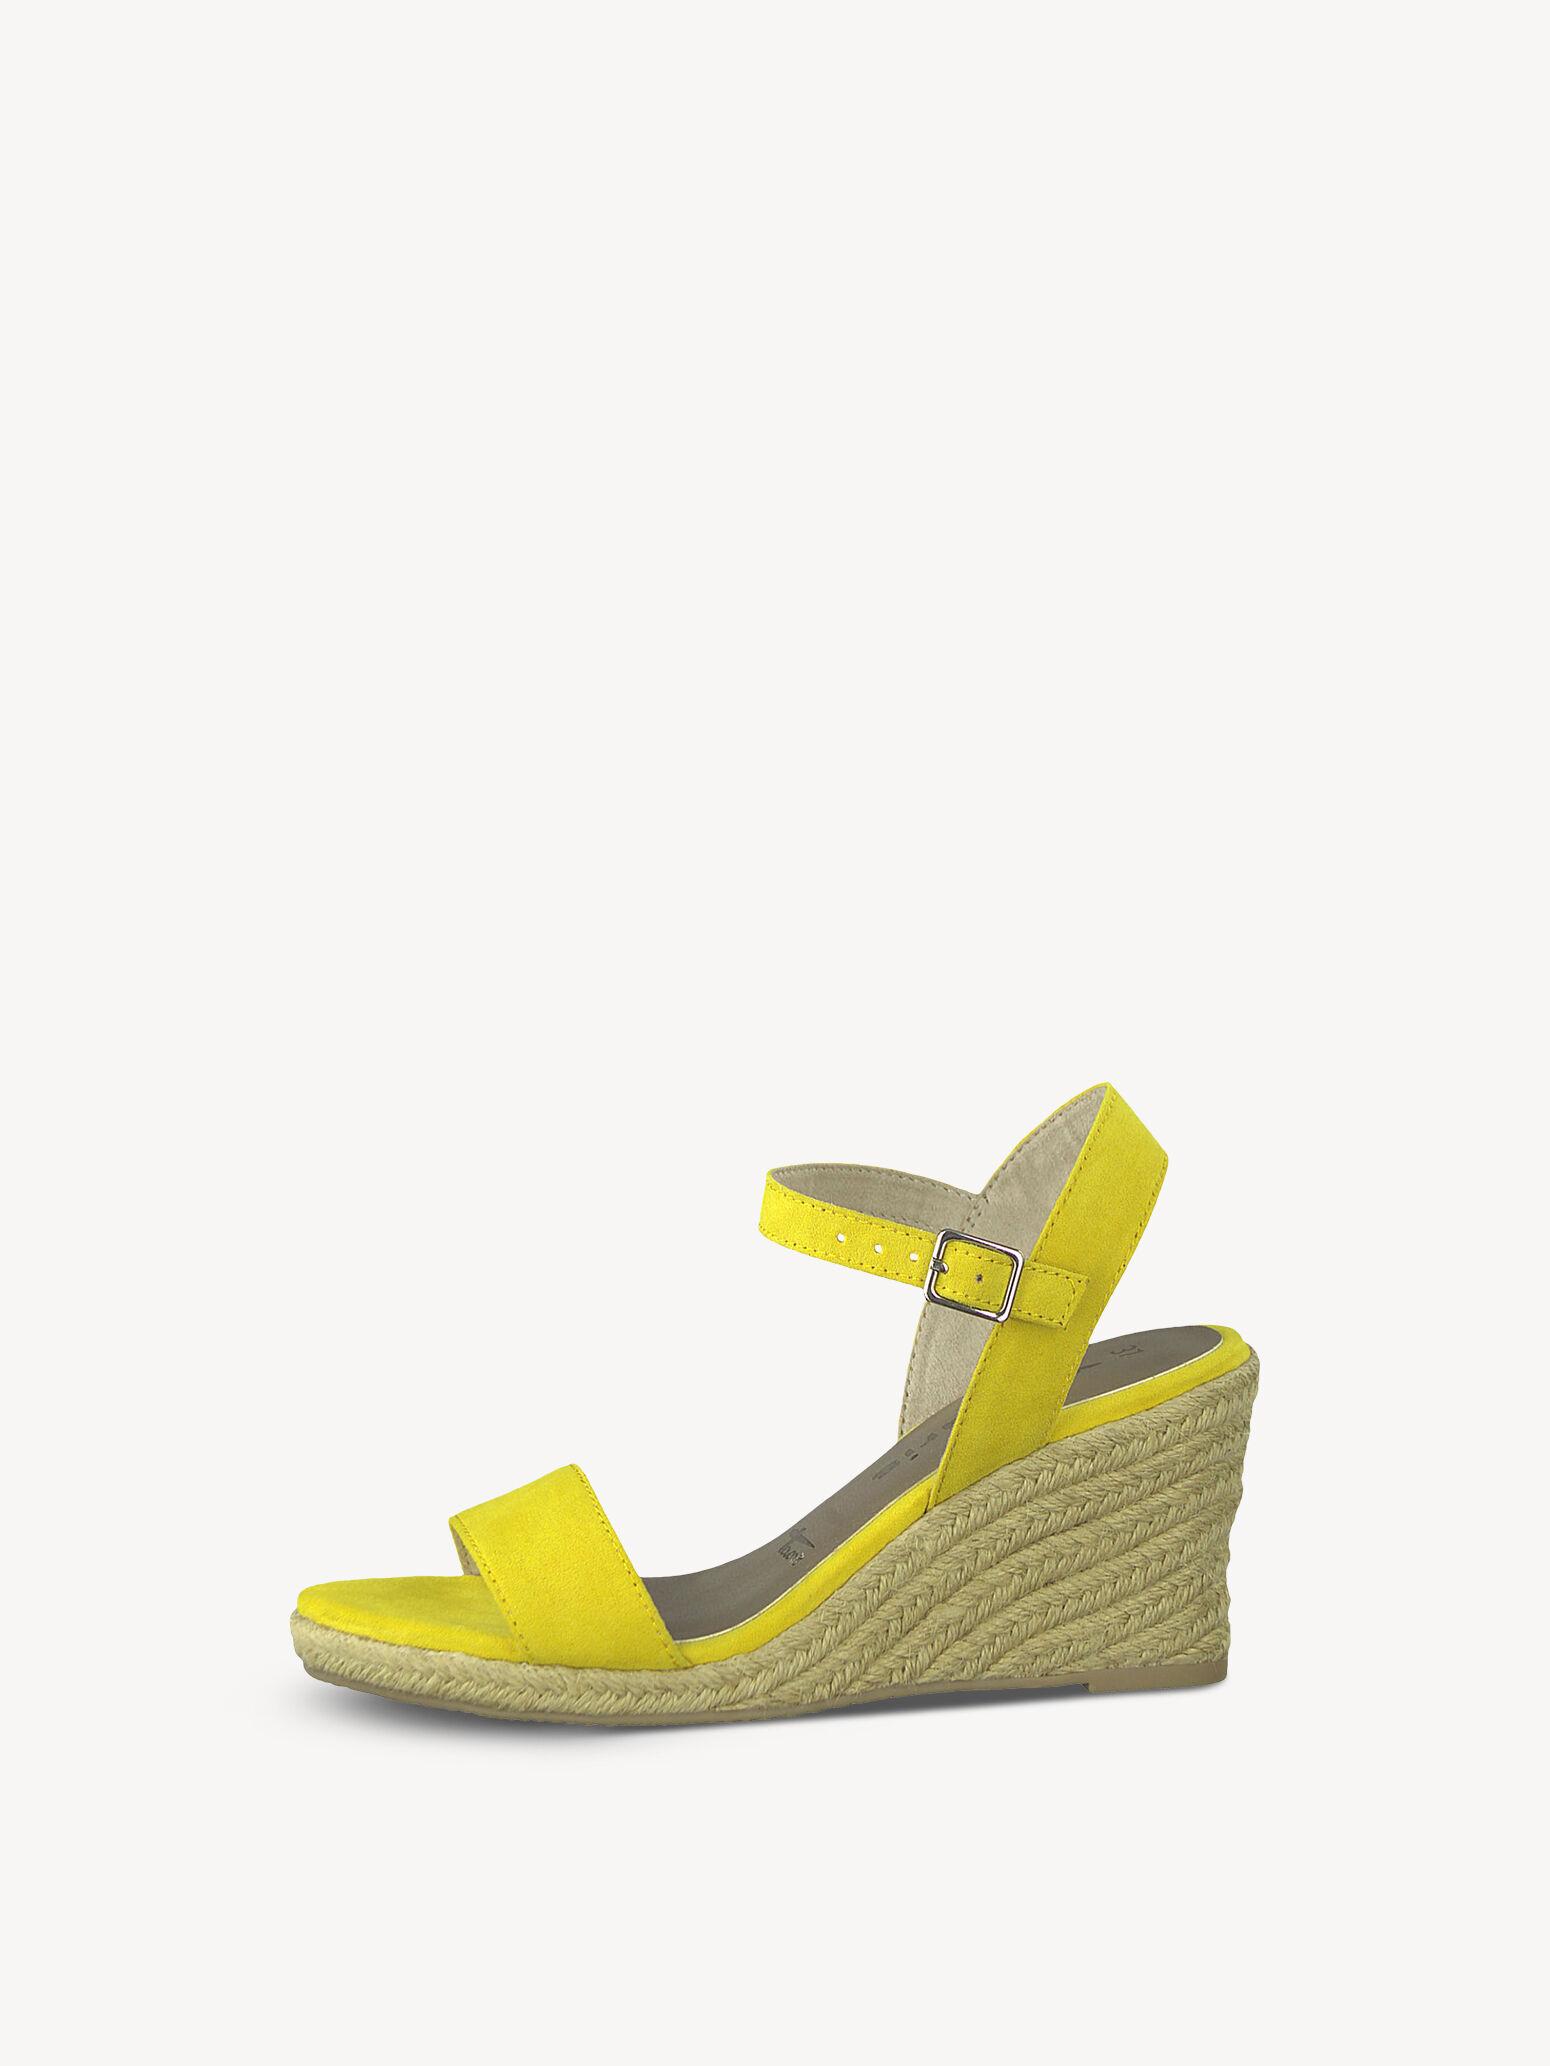 Damenschuhe Für Damen Online Tamaris Gelb Kaufen In Sandaletten bI6Ymgf7yv